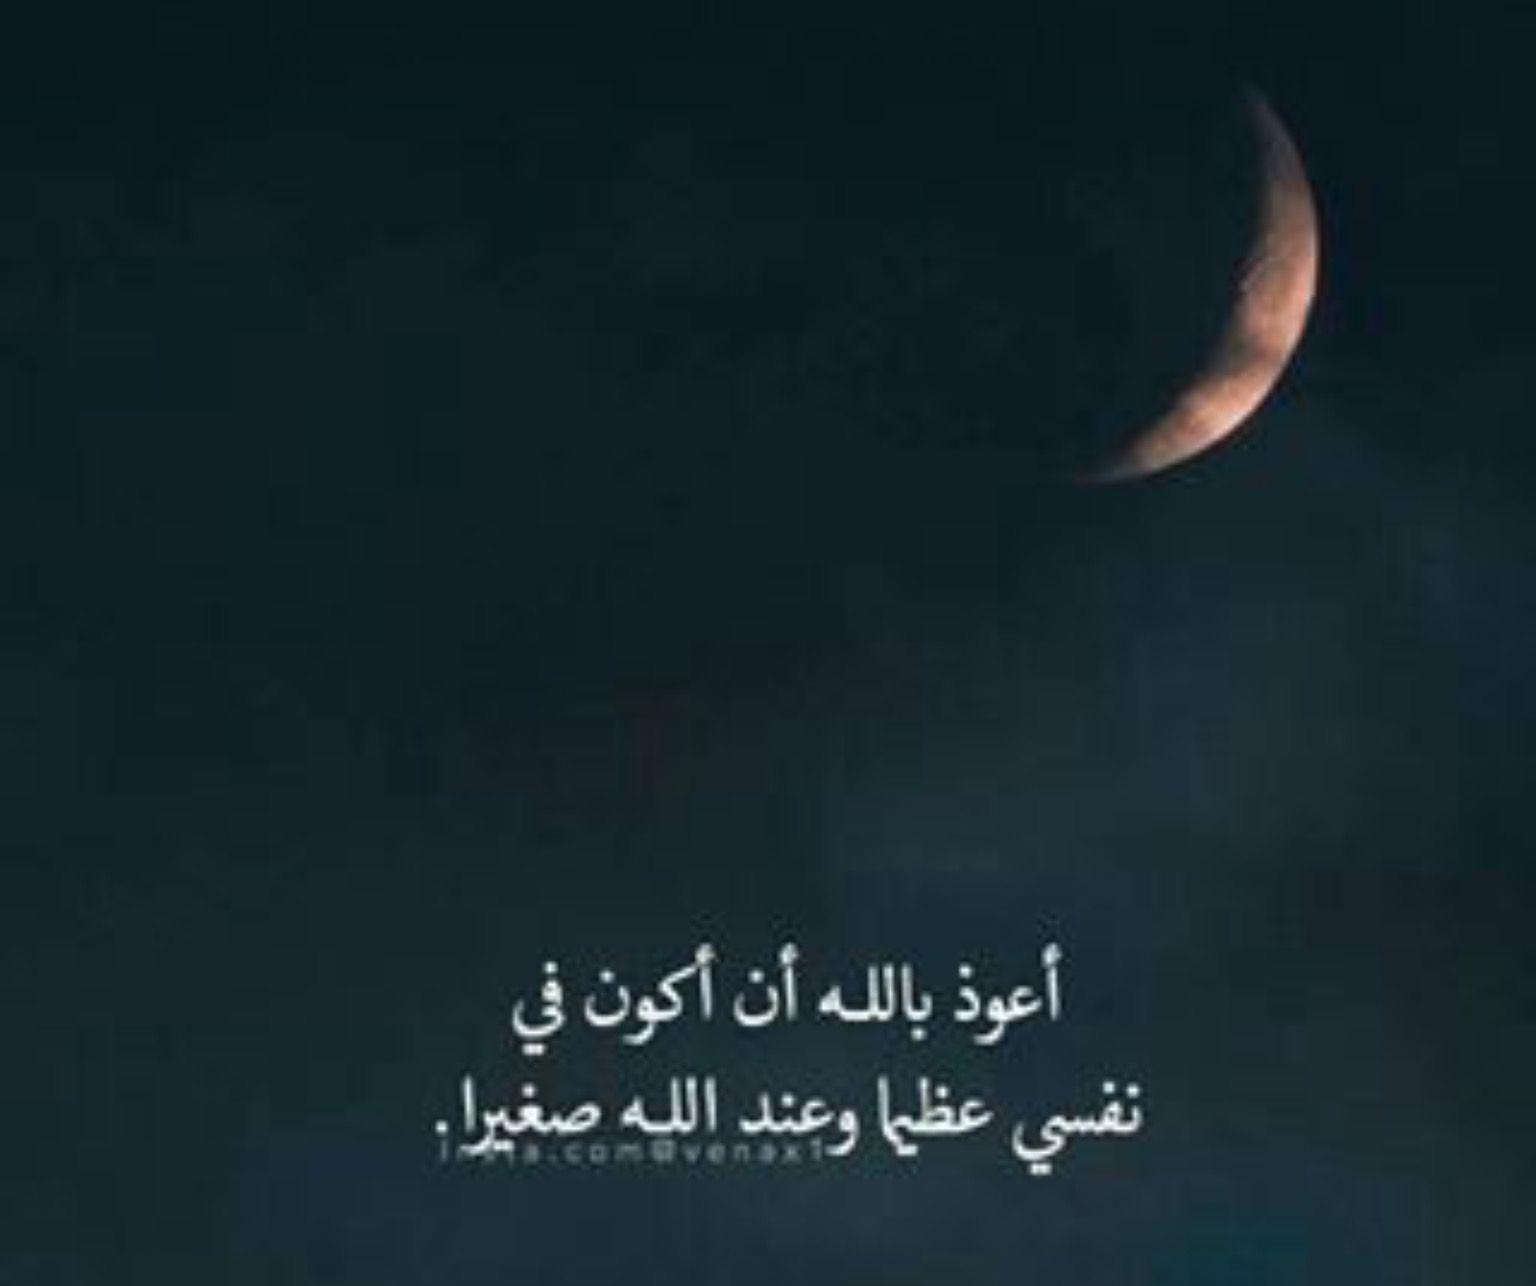 اللهم اجعلني في عيني صغيرا و عندك كبيرا Islamic Quotes Quotations Arabic Quotes